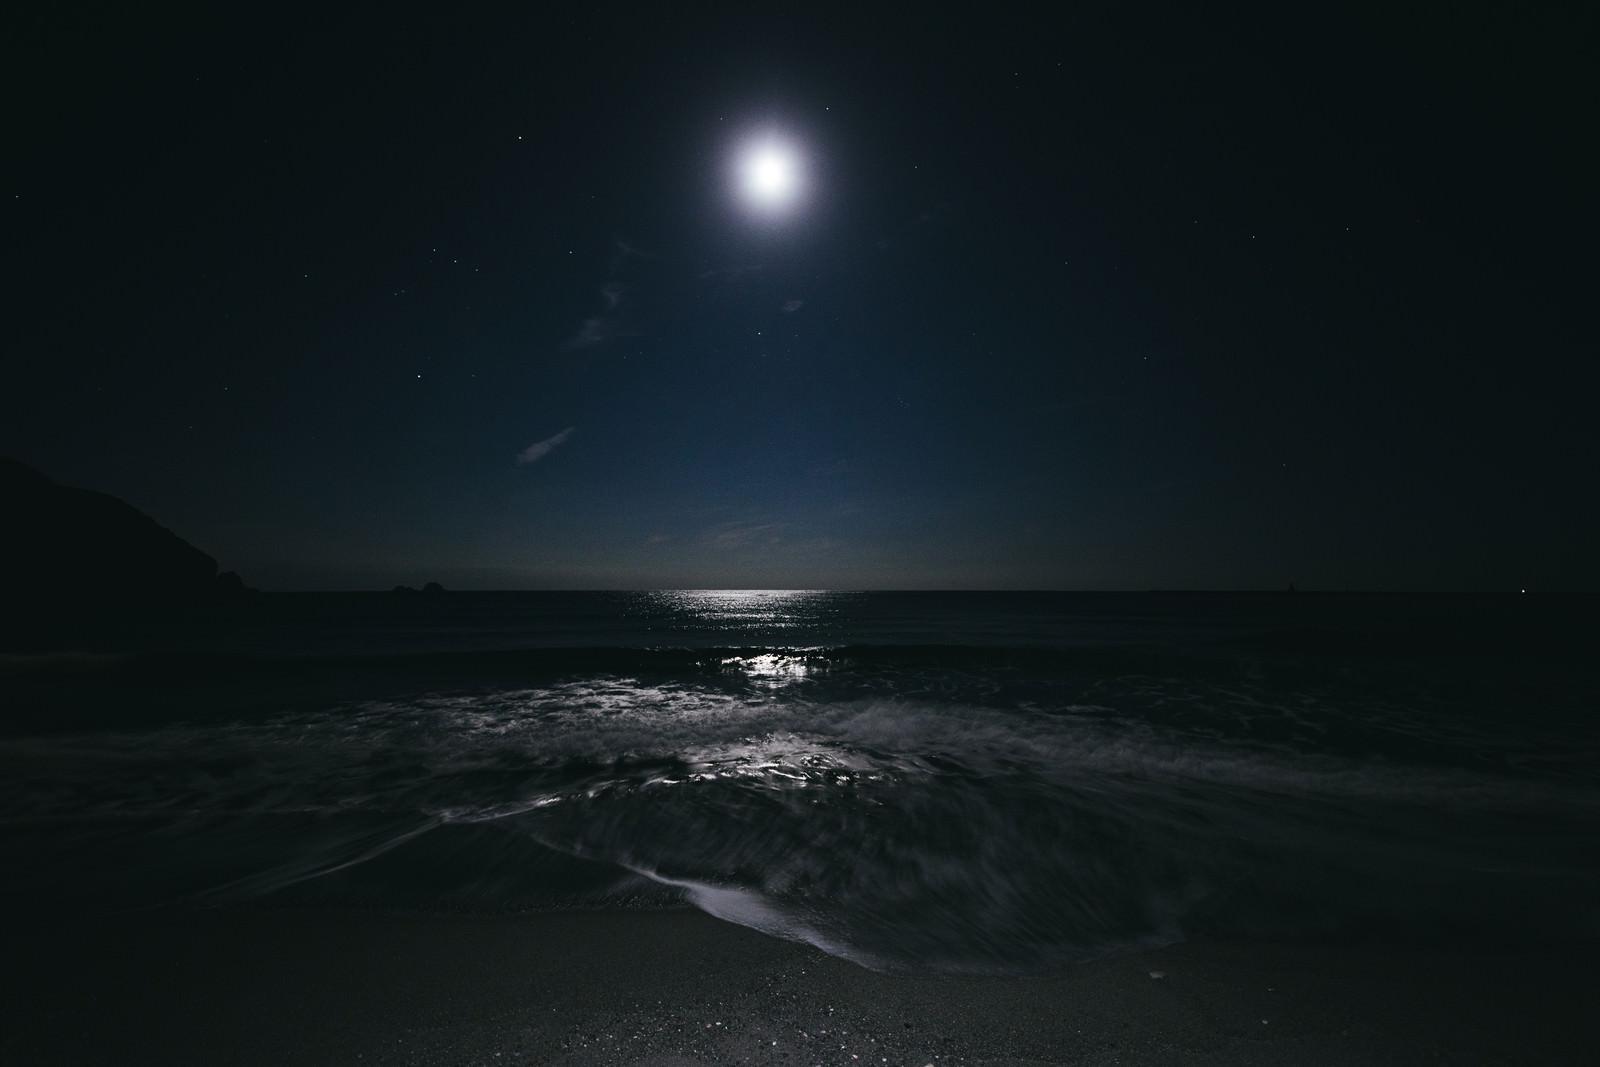 神津島の海を照らす満月のフリー素材